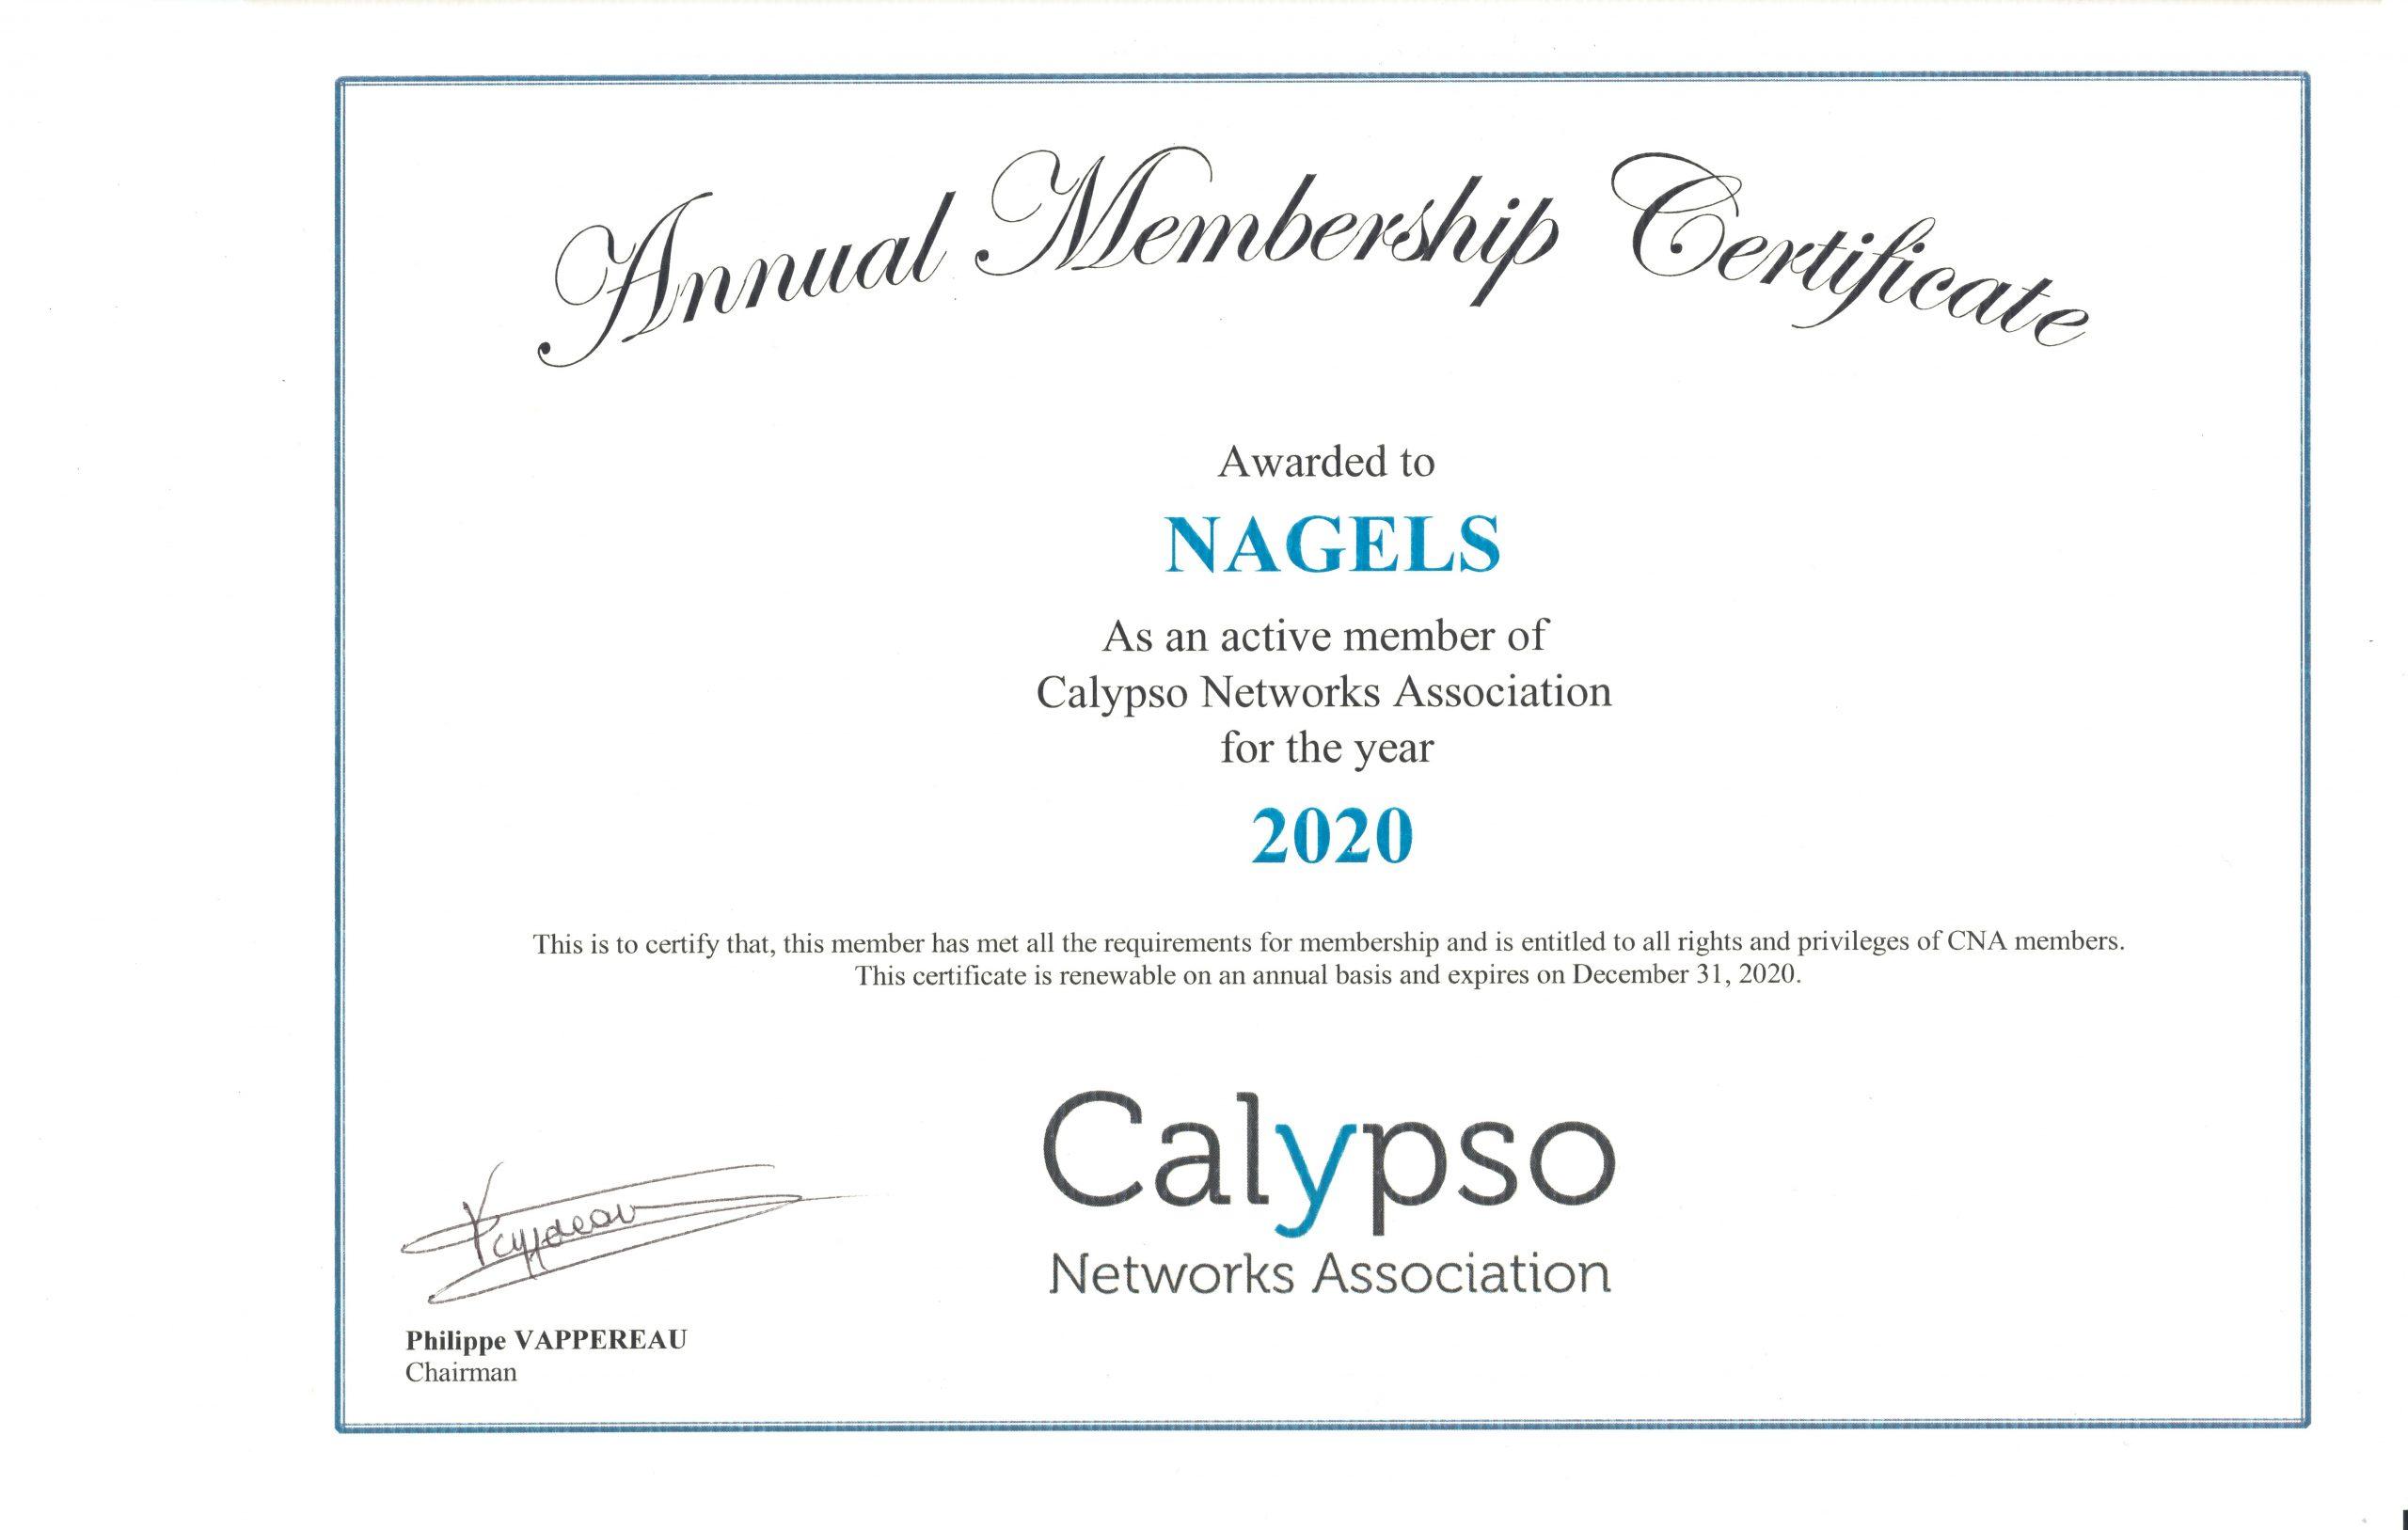 Calypso Networks Association 2020